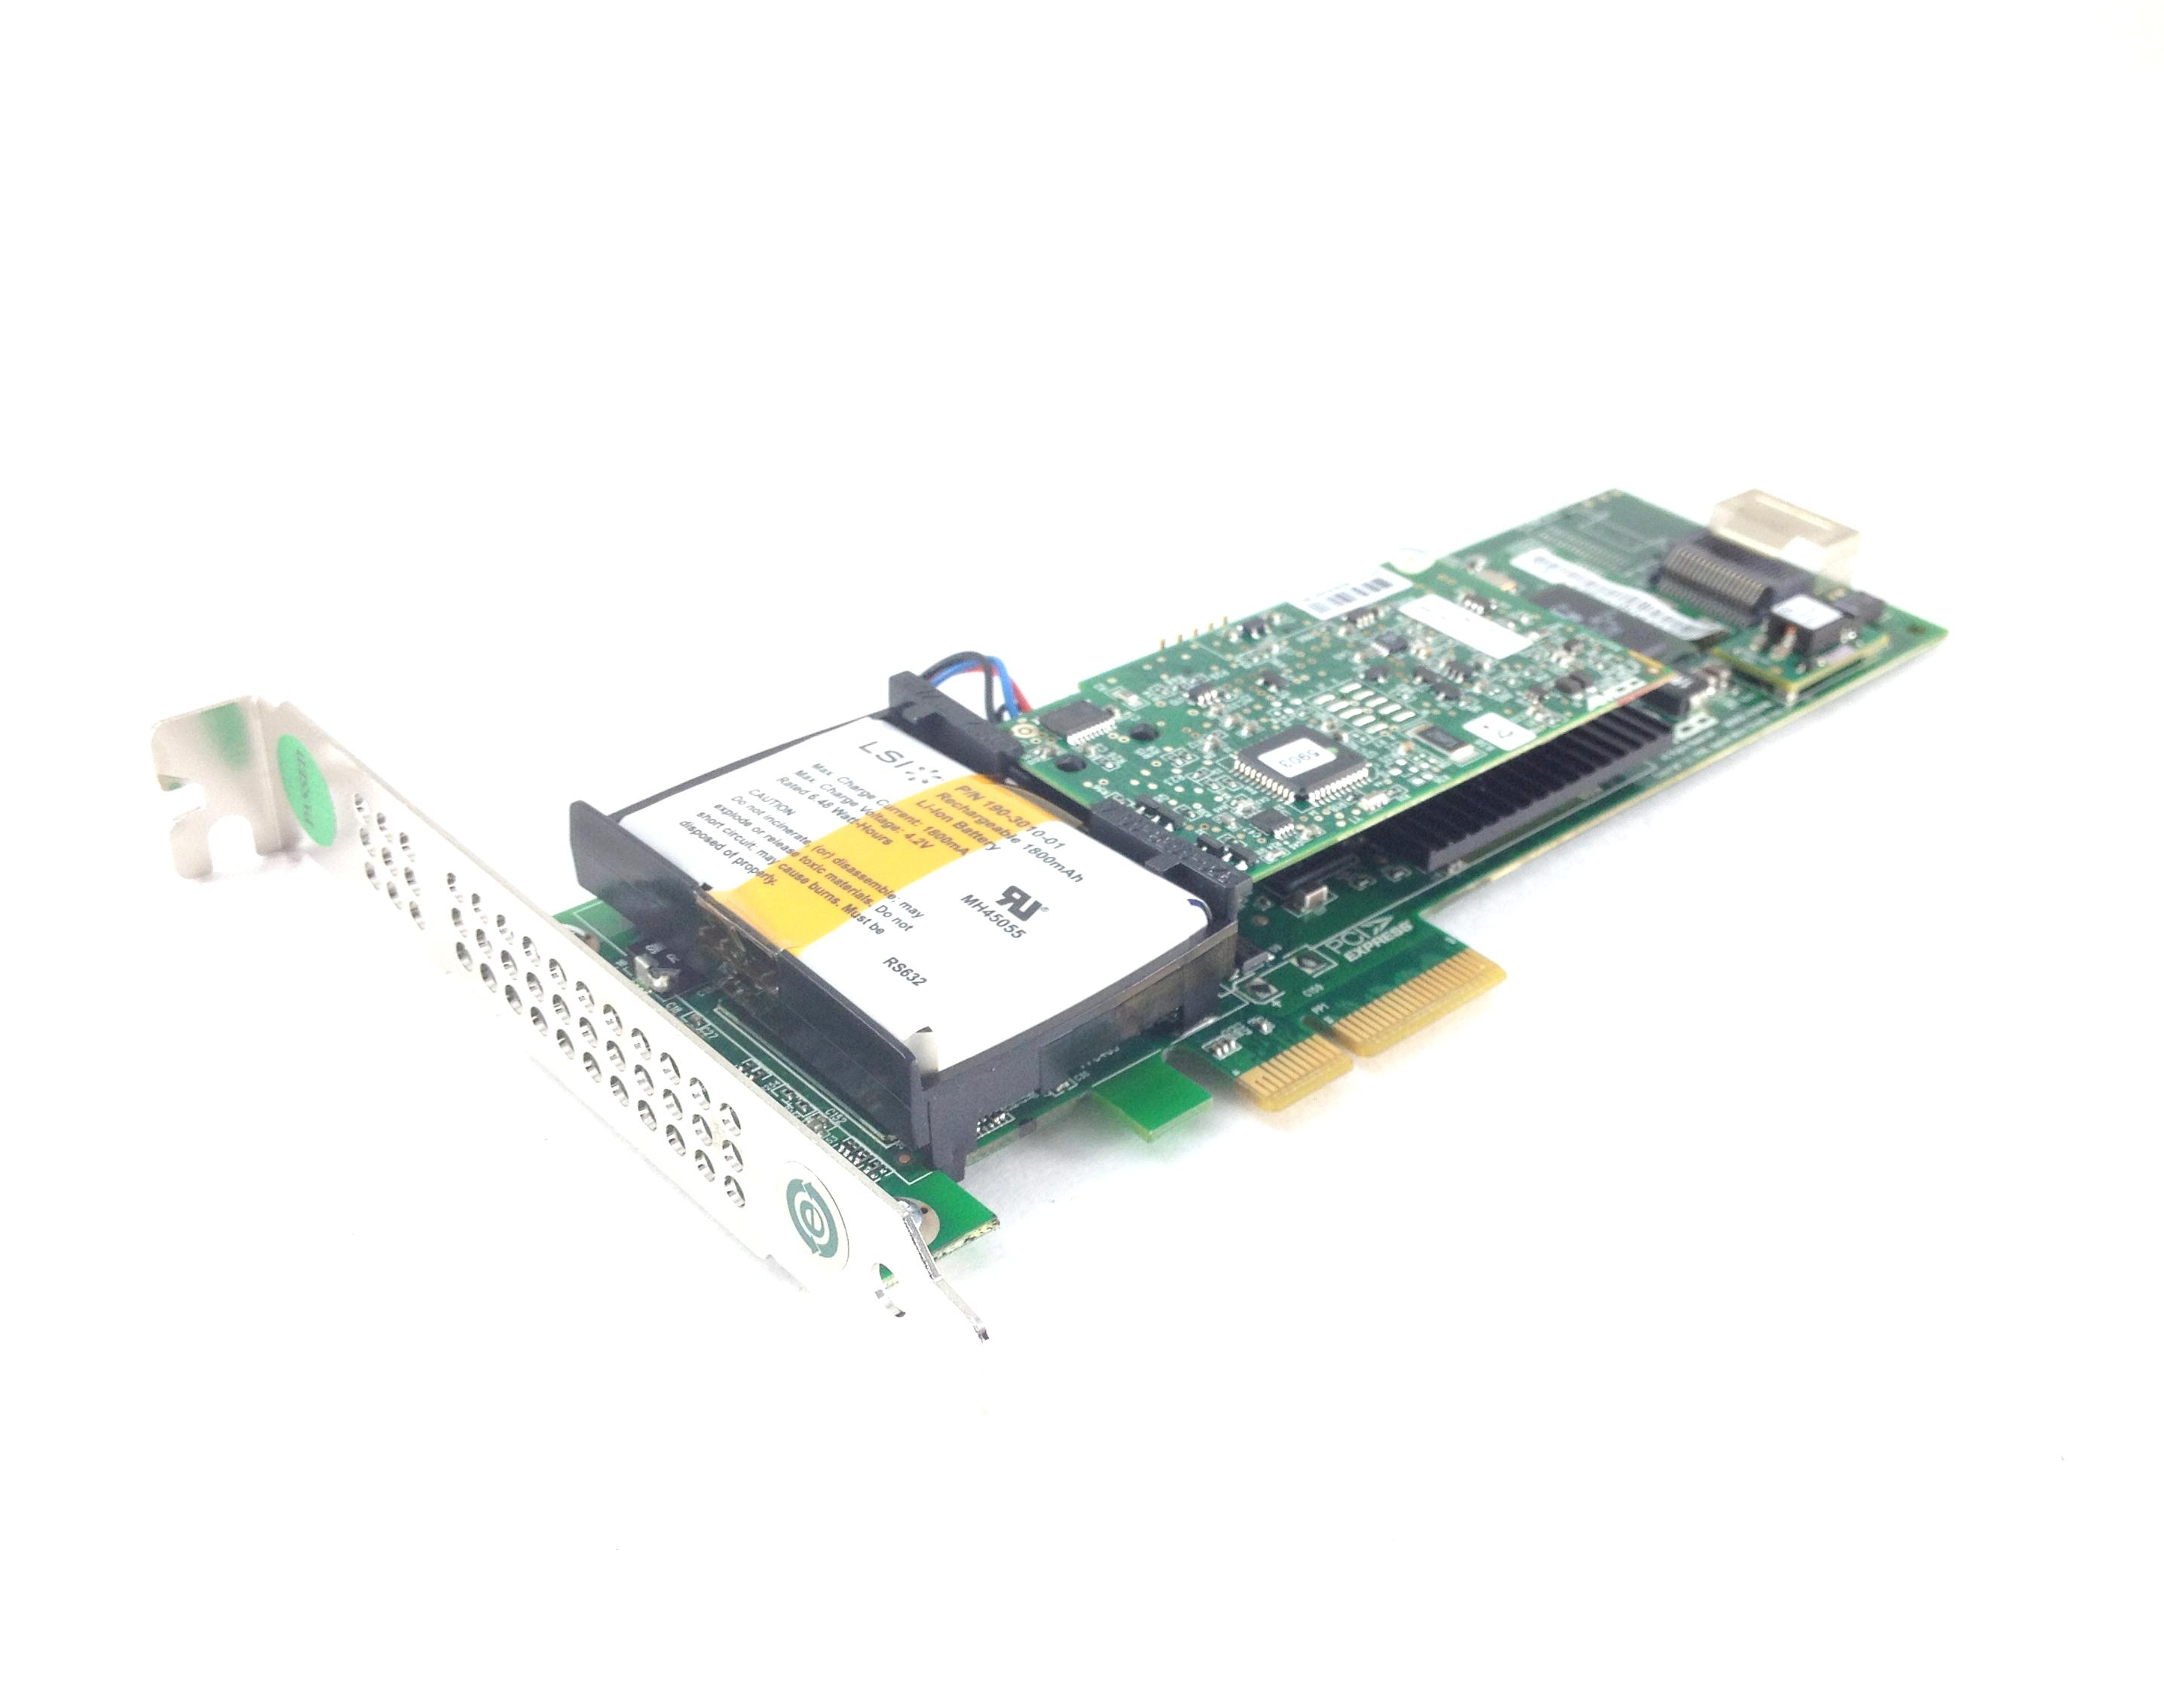 Amcc 3Ware 4 Port SATA II PCI-E 256MB Cache Raid Controller (9650SE-4LPML)